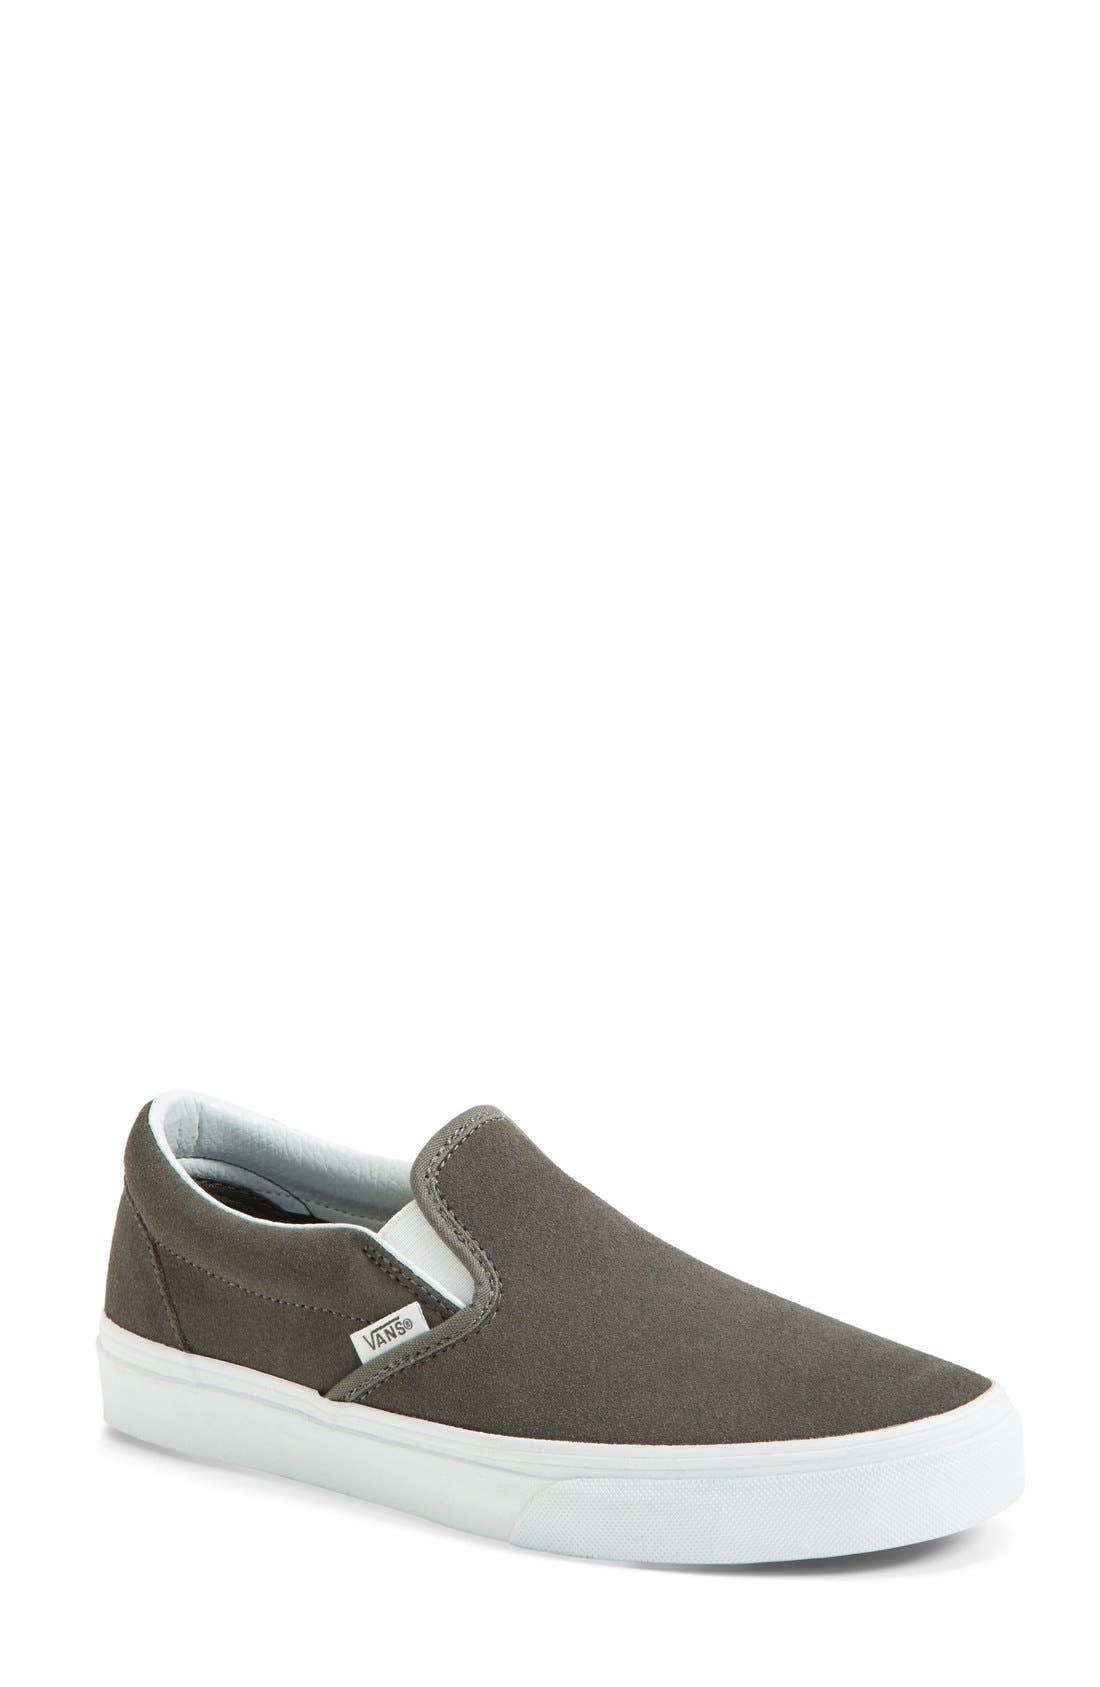 VANS Suede Slip-On Sneaker, Main, color, 020